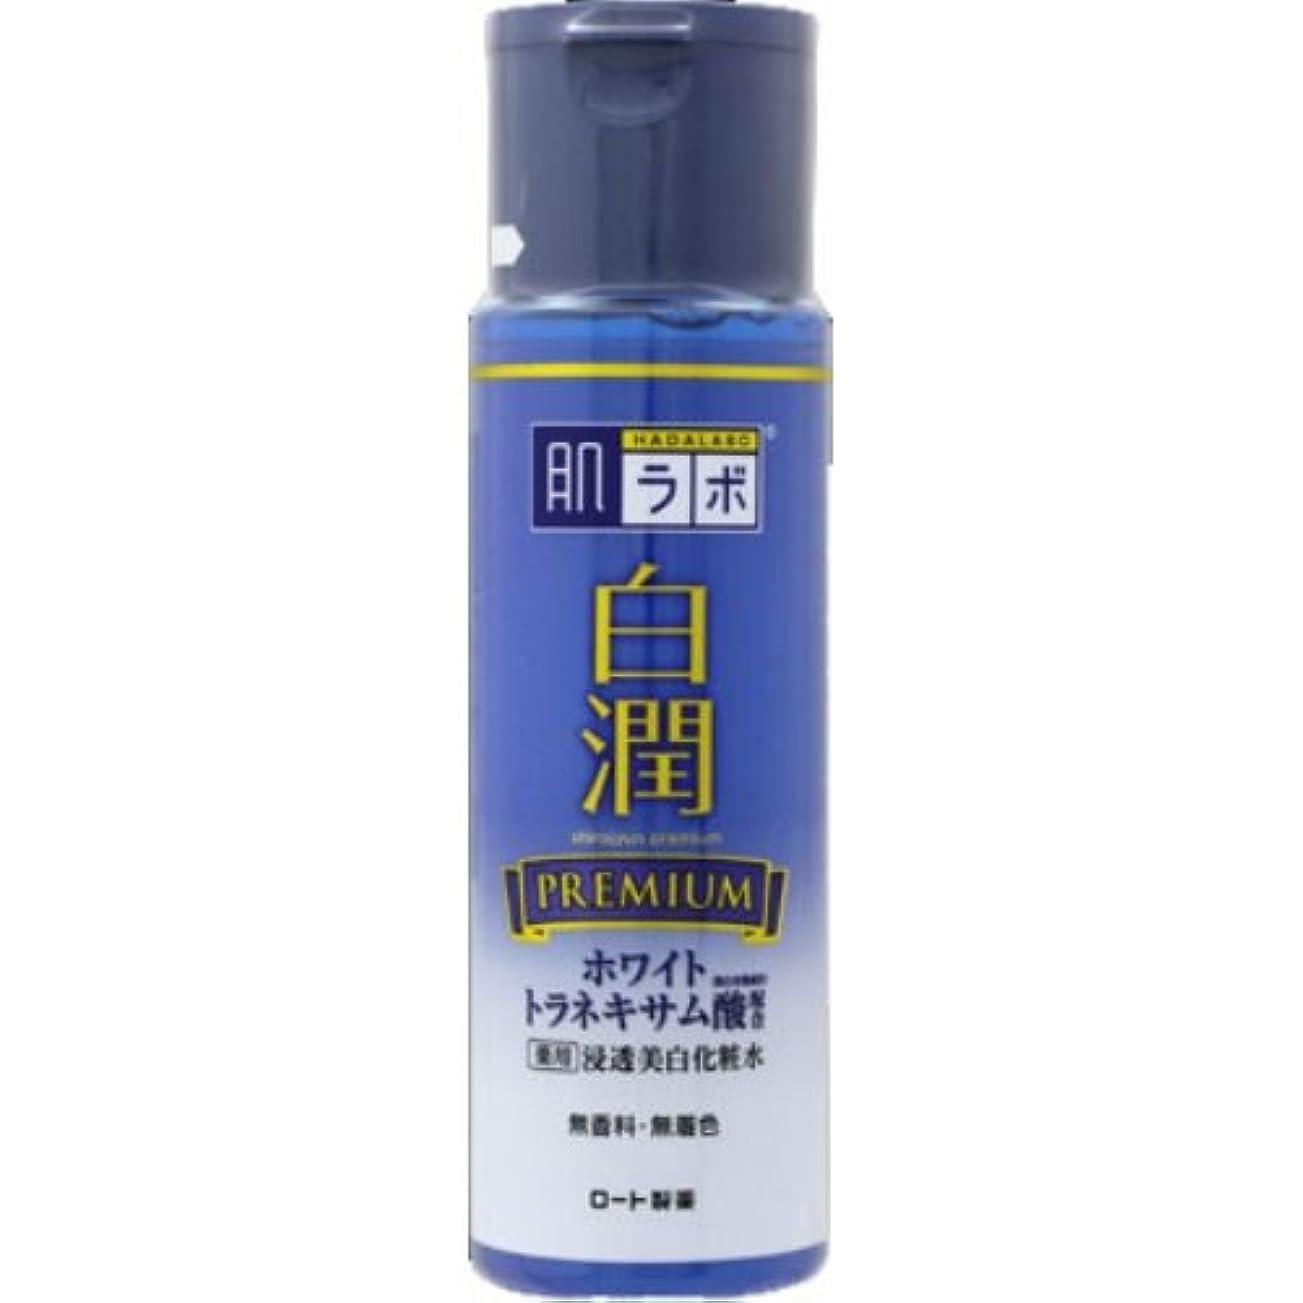 浴室アカウント視聴者肌ラボ 白潤プレミアム 薬用浸透美白化粧水 170mL × 48個セット